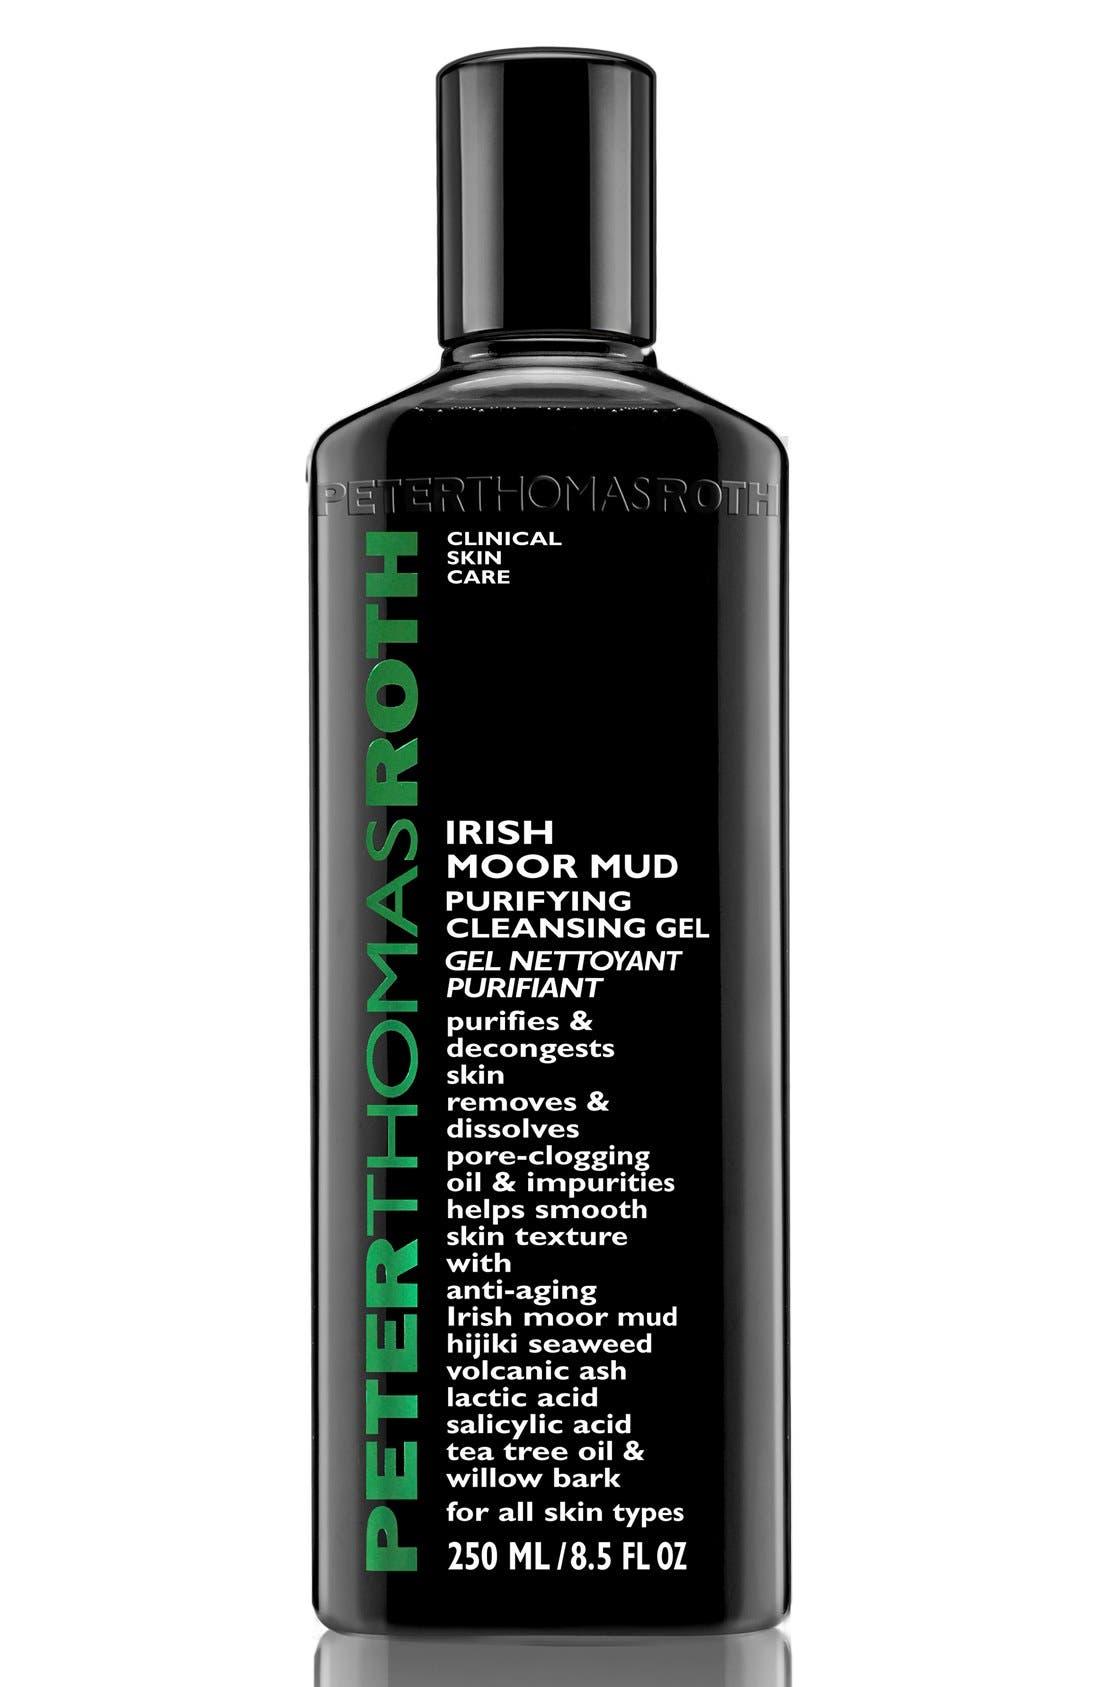 Peter Thomas Roth 'Irish Moor Mud' Purifying Cleansing Gel